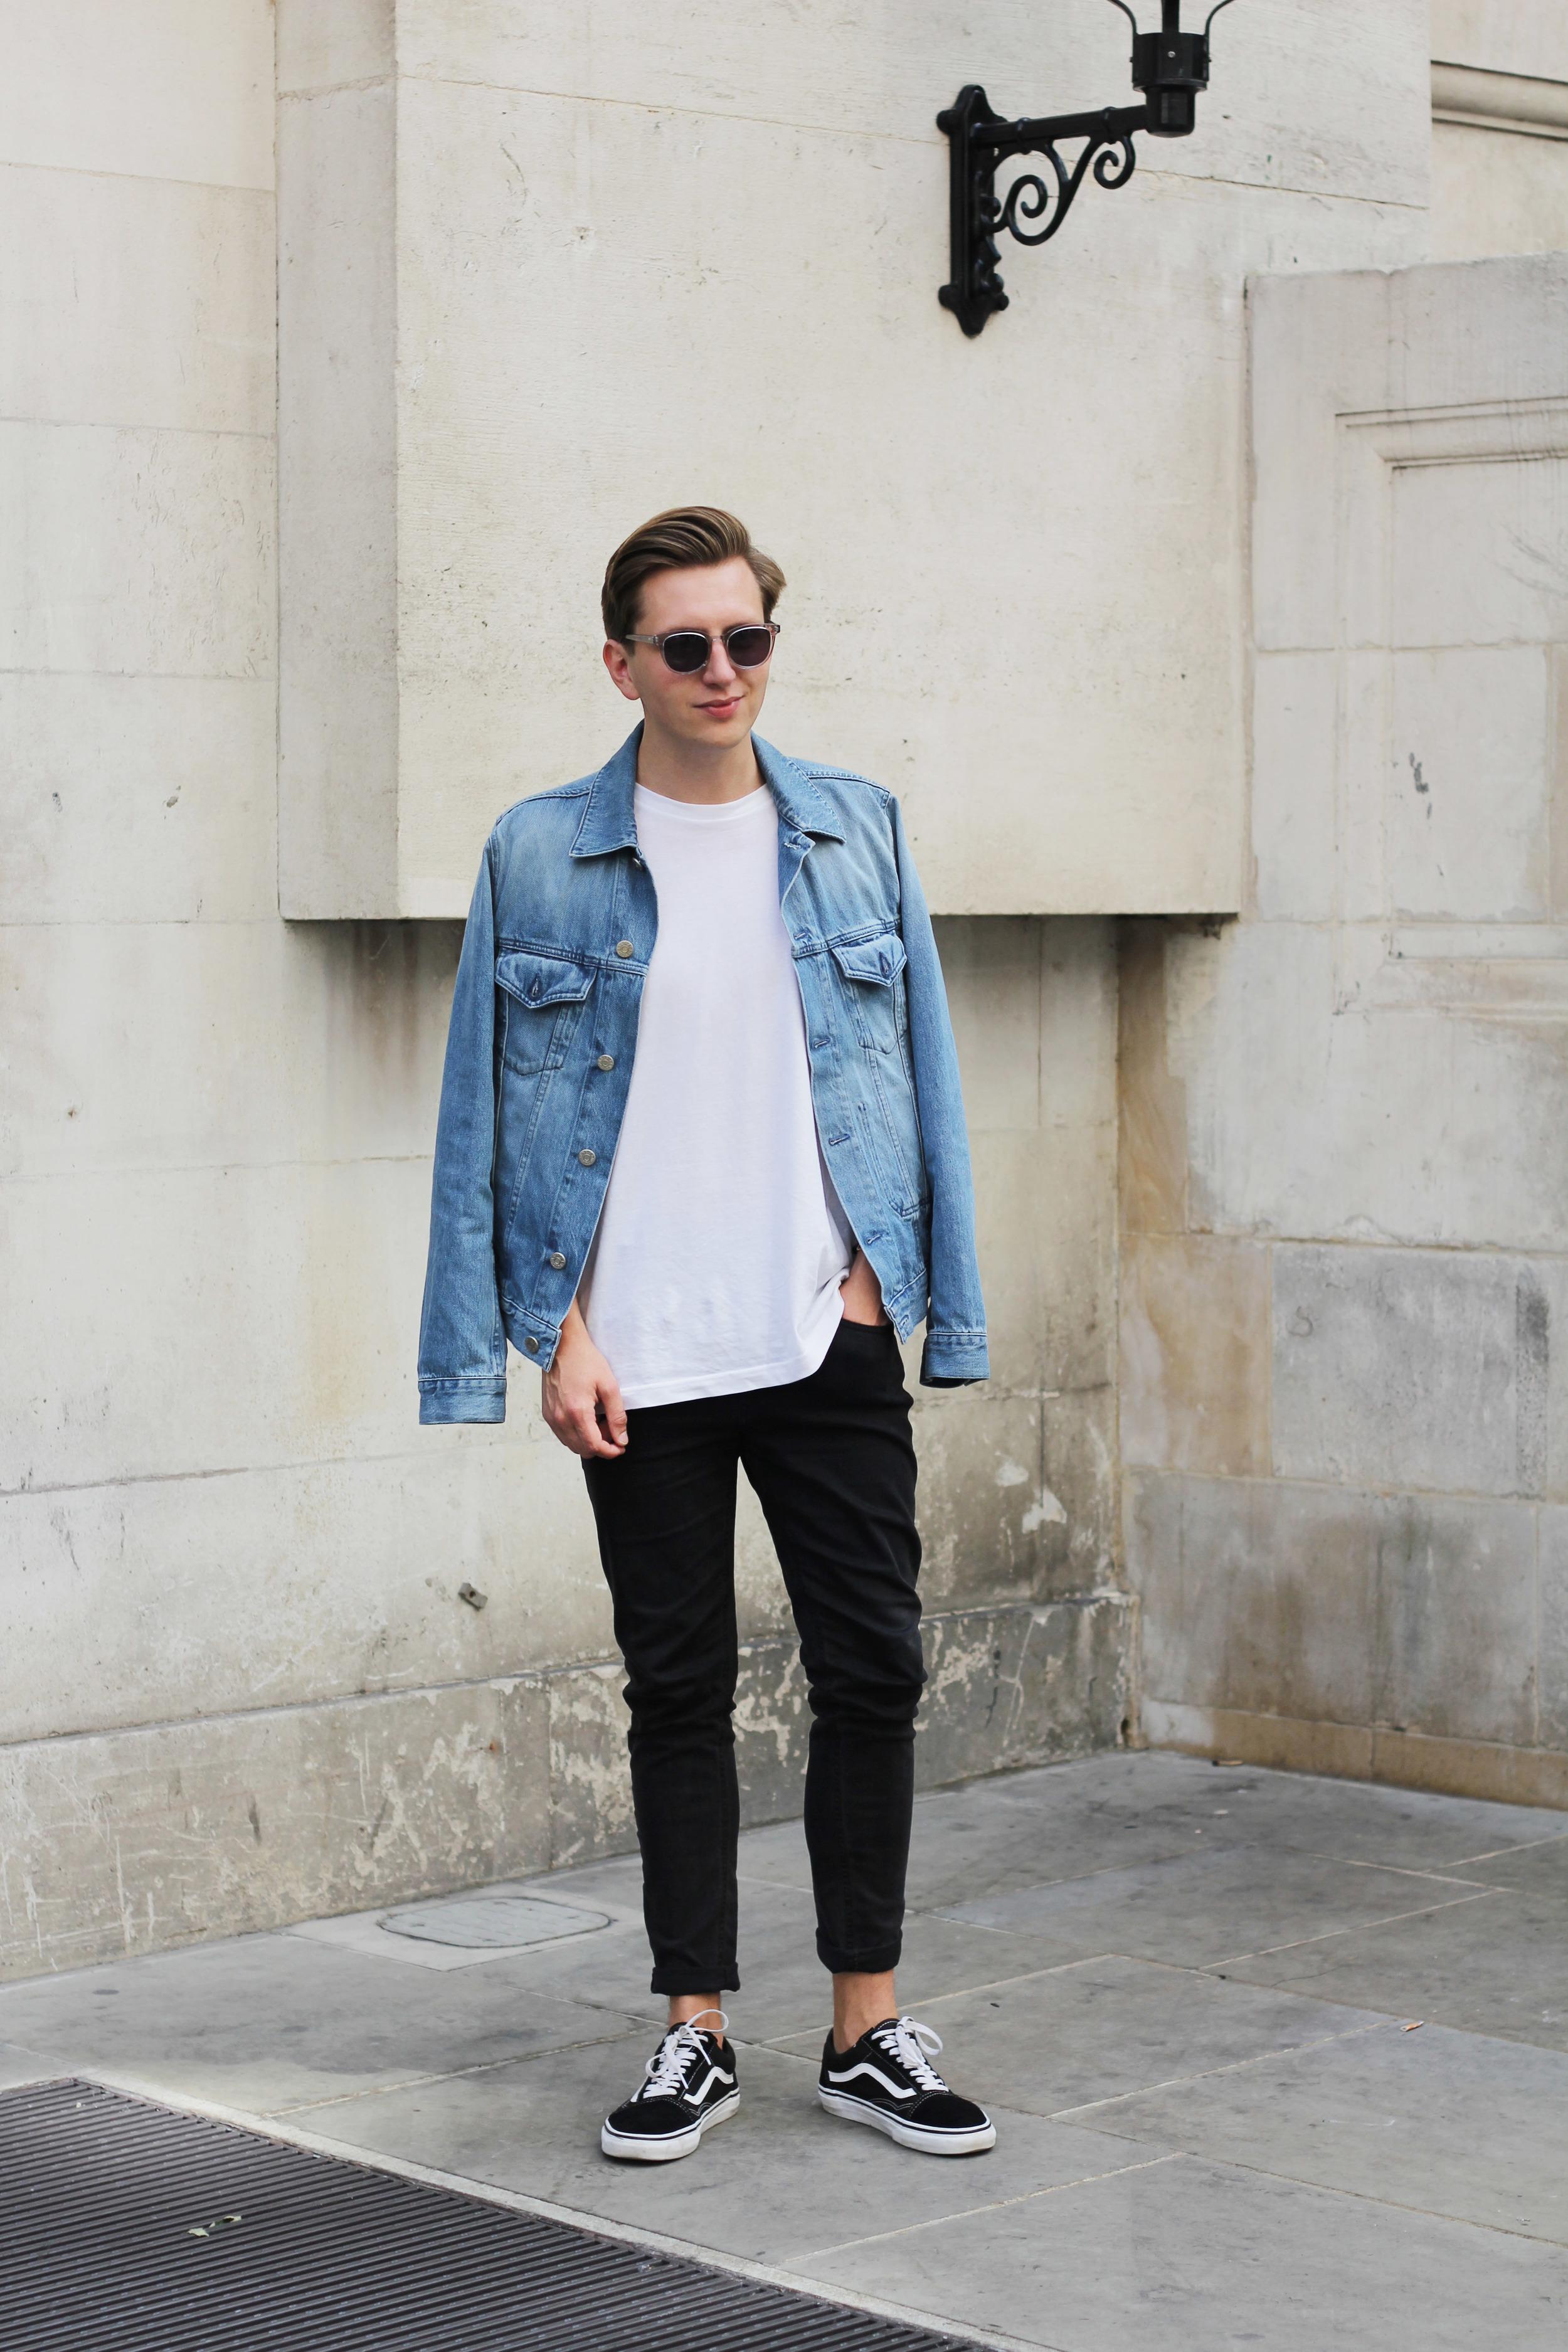 acne_studios_denim_jacket_ootd_menswear